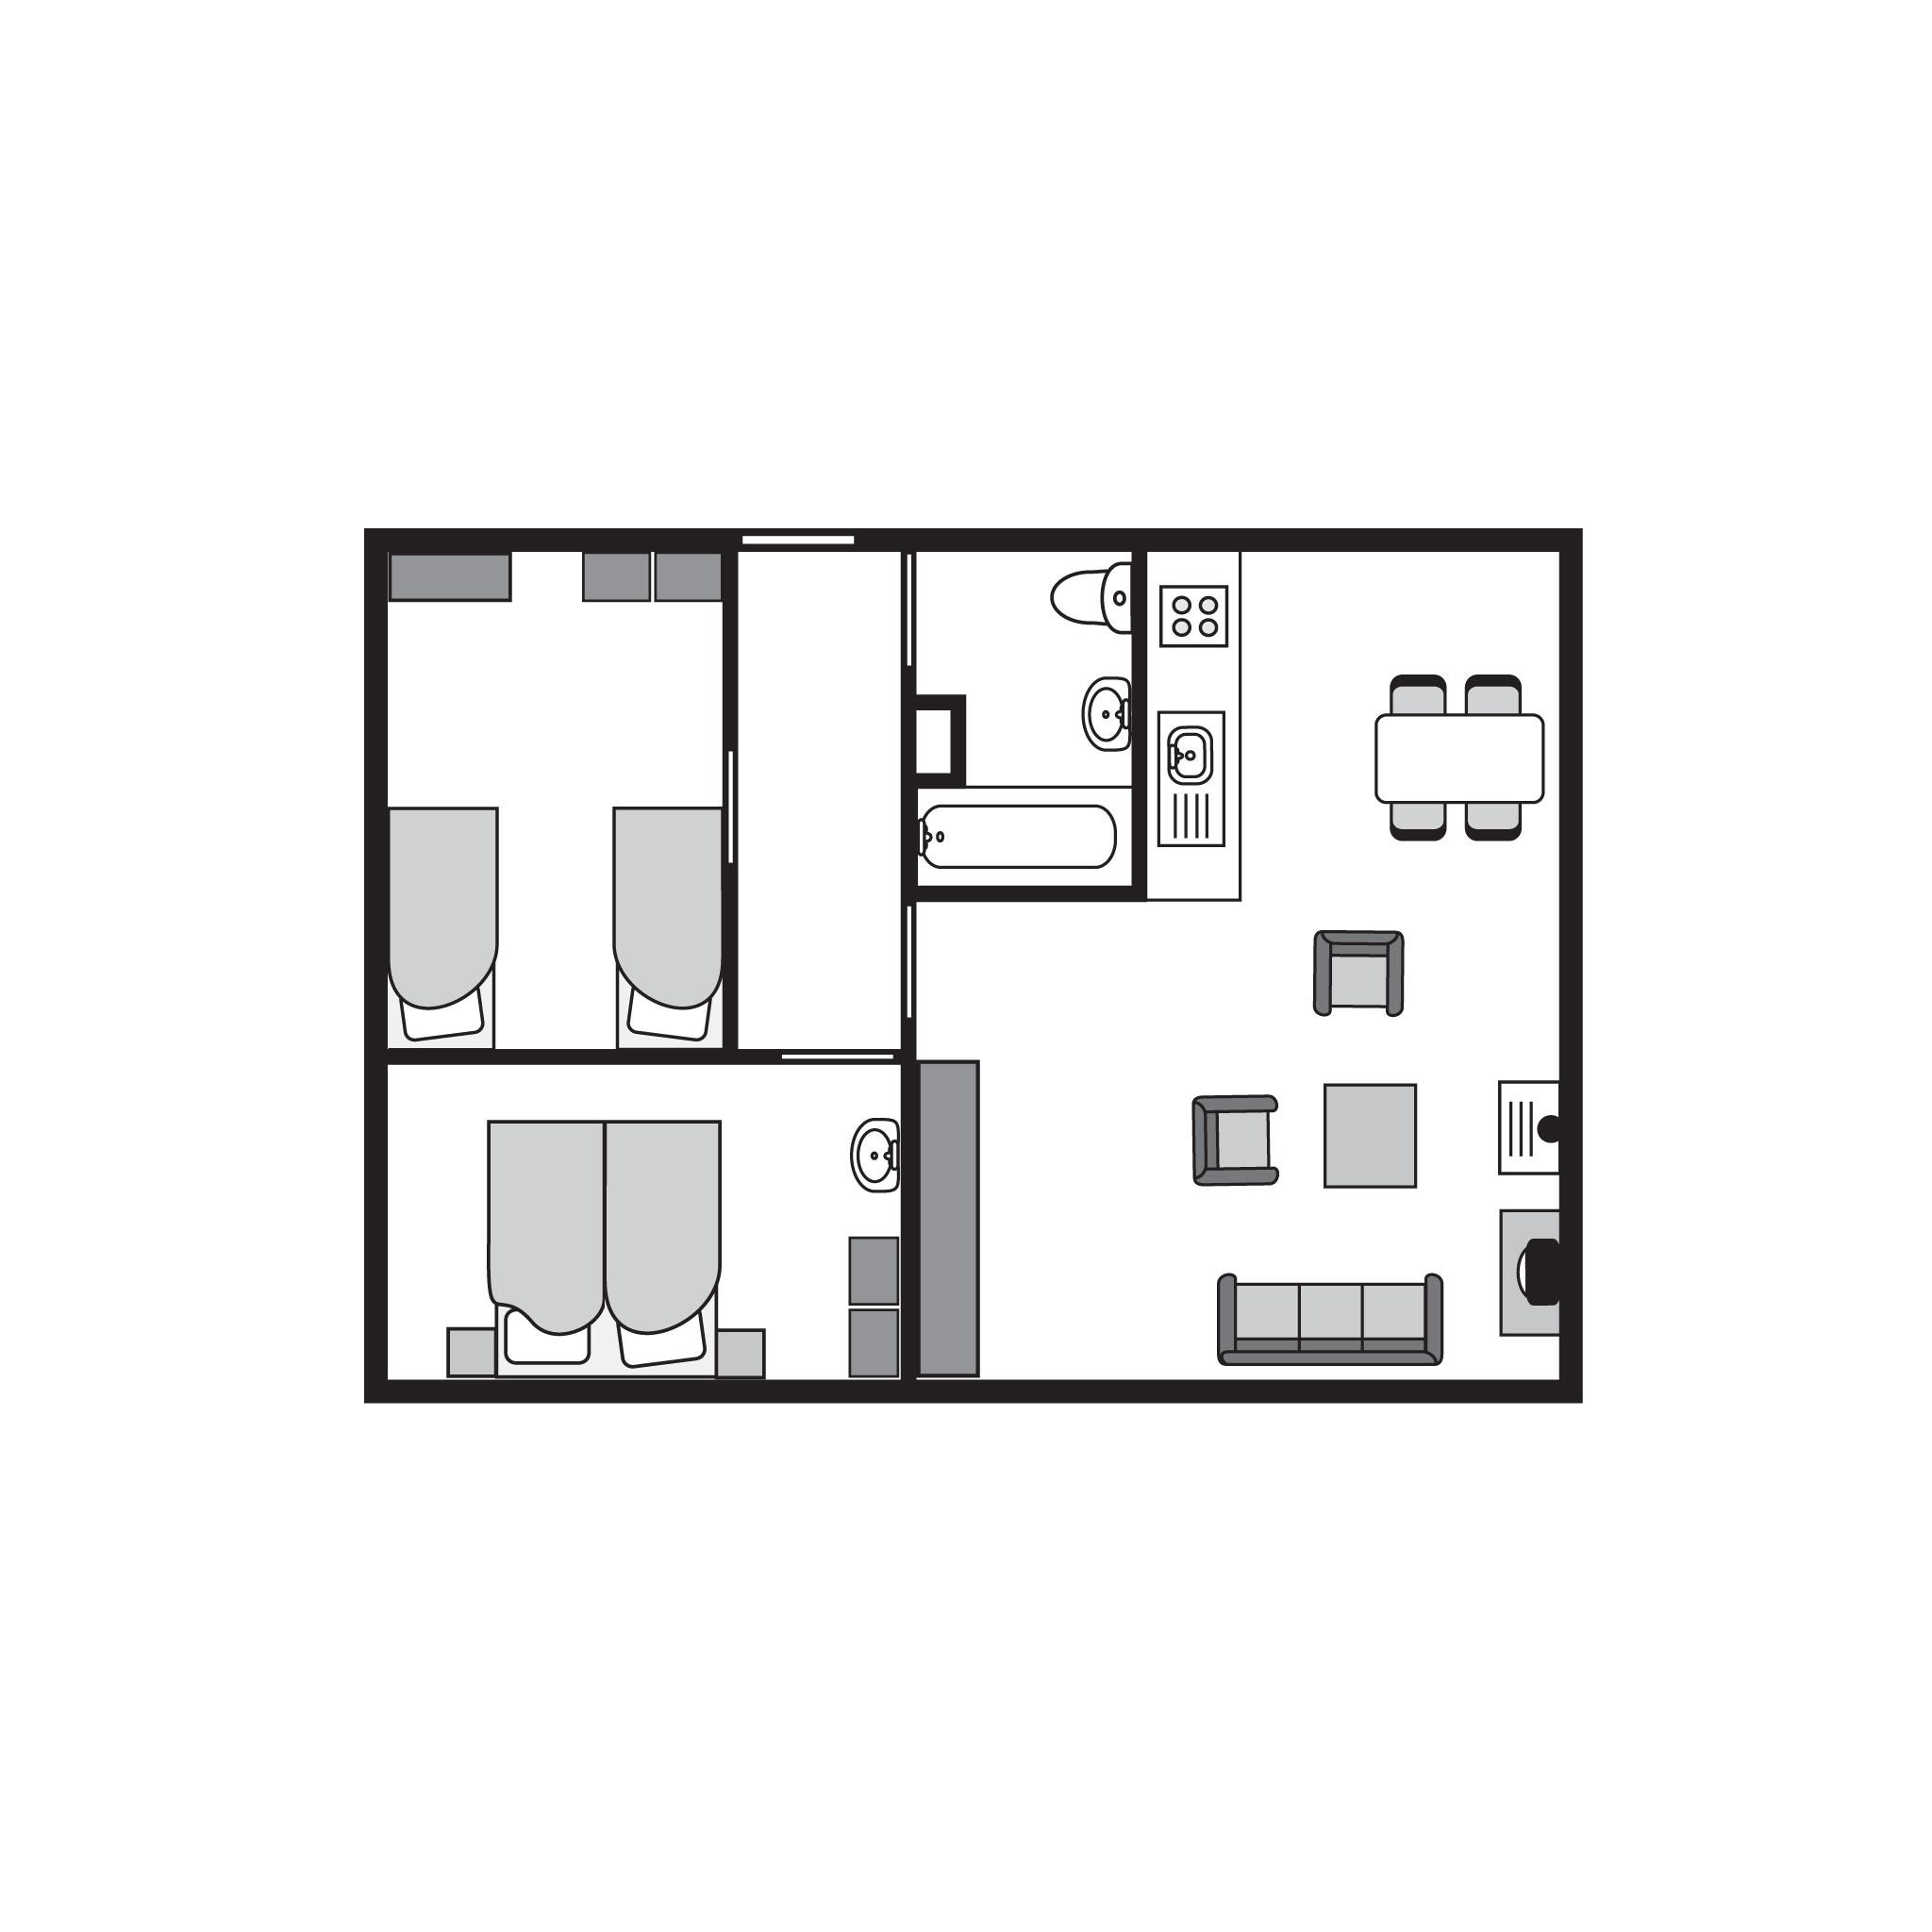 Ferienhaus Komfort 4-Personen-Ferienhaus im Ferienpark Landal Miggelenberg - in einer Hügellandschaft (355060), Hoenderloo, Veluwe, Gelderland, Niederlande, Bild 19